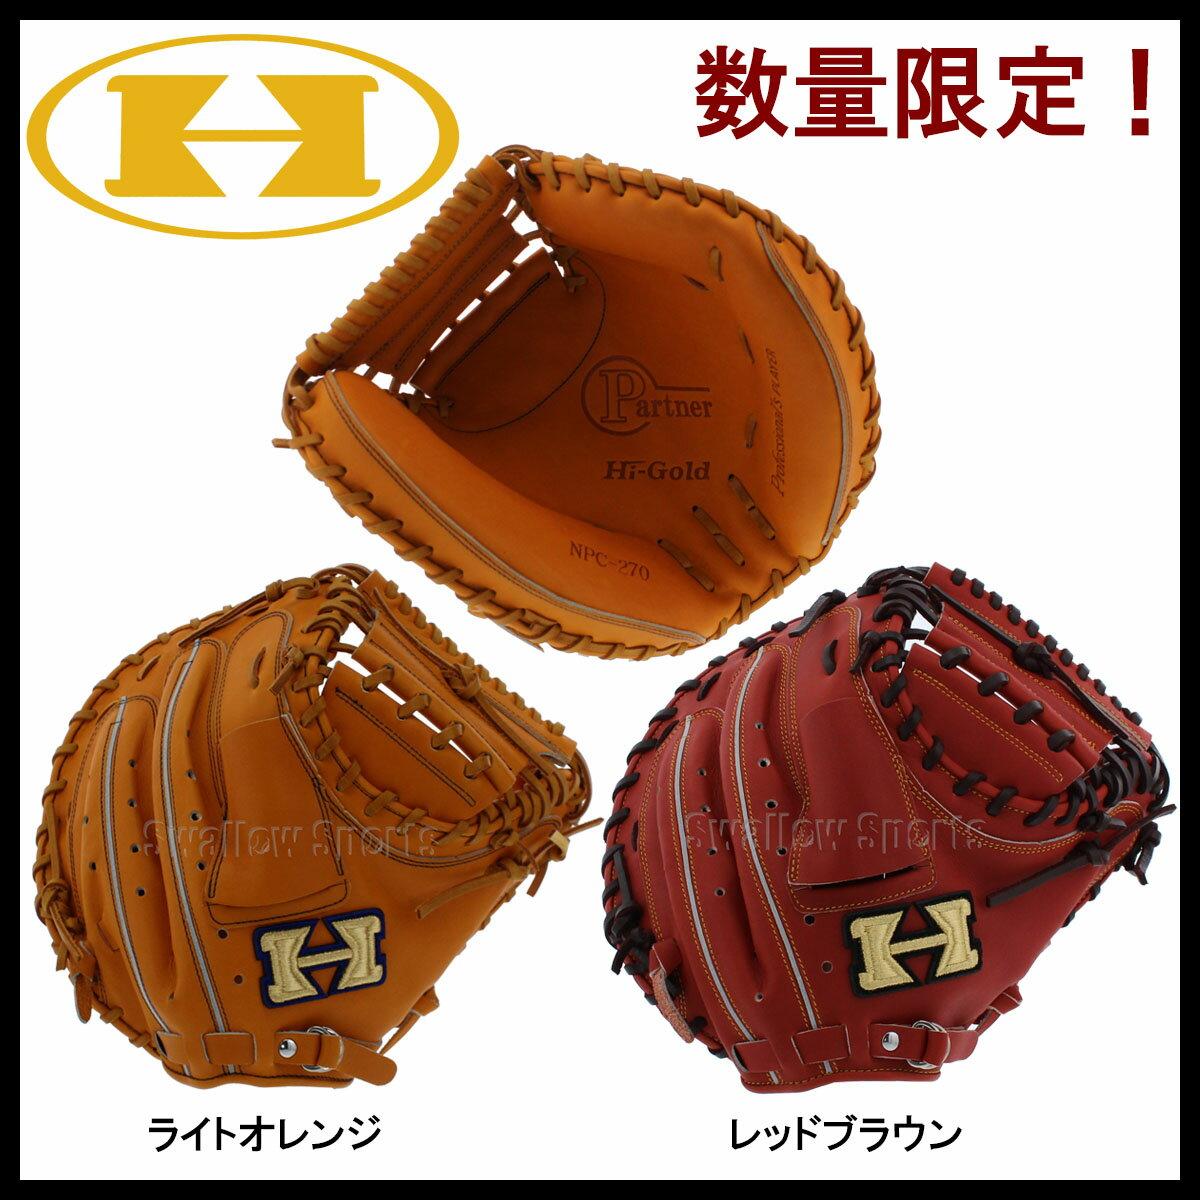 ハイゴールド 軟式 限定 キャッチャーミット NPC-270 入学祝い 捕手用 野球部 野球用品 スワロースポーツ